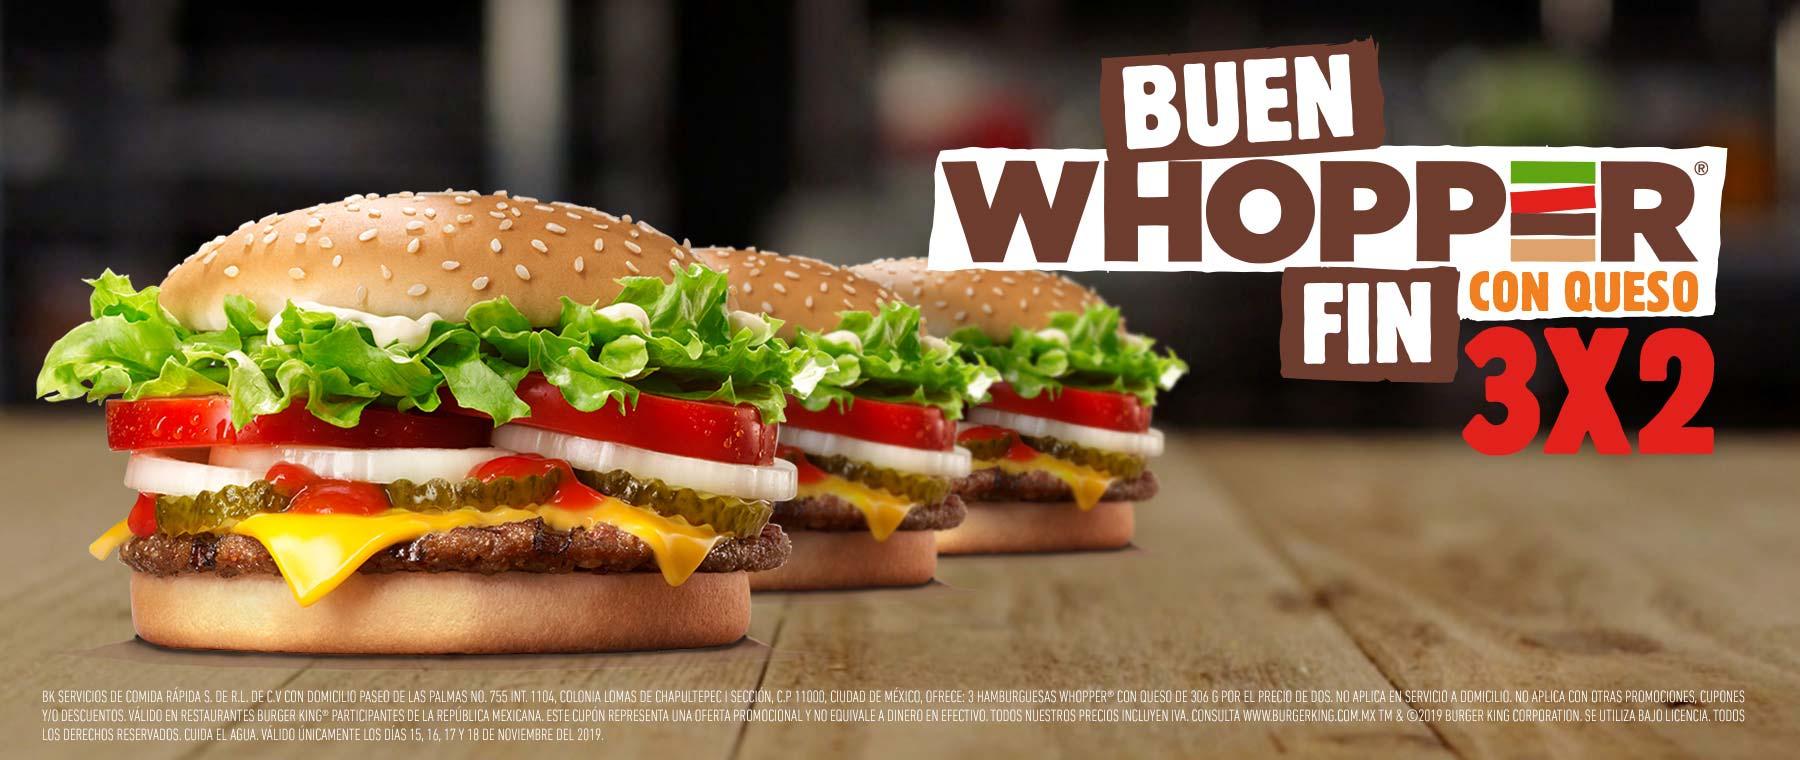 El Buen Fin 2019 en Burger King: 3x2 en Whopper con queso